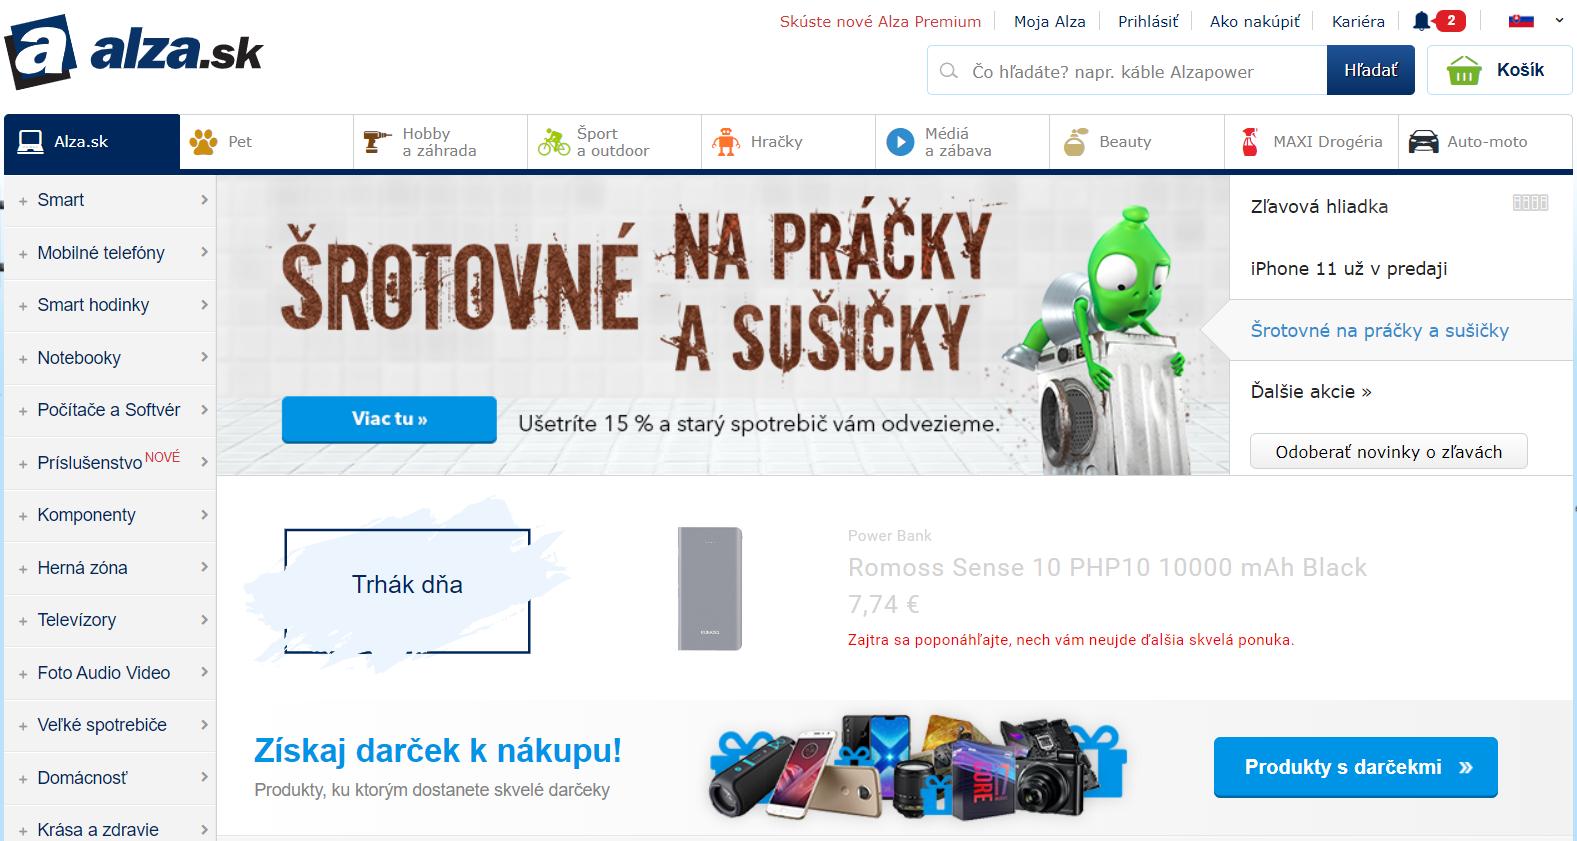 Internetový obchod Alza.sk